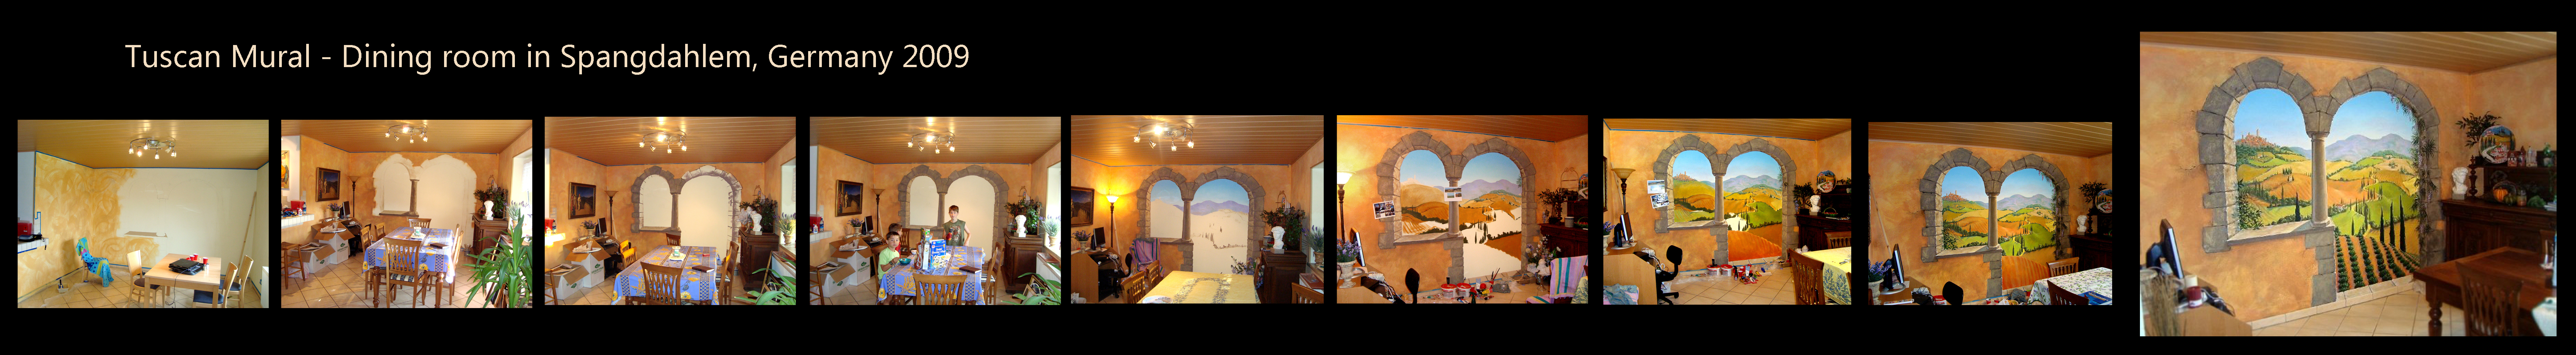 Tuscan+Mural.jpg